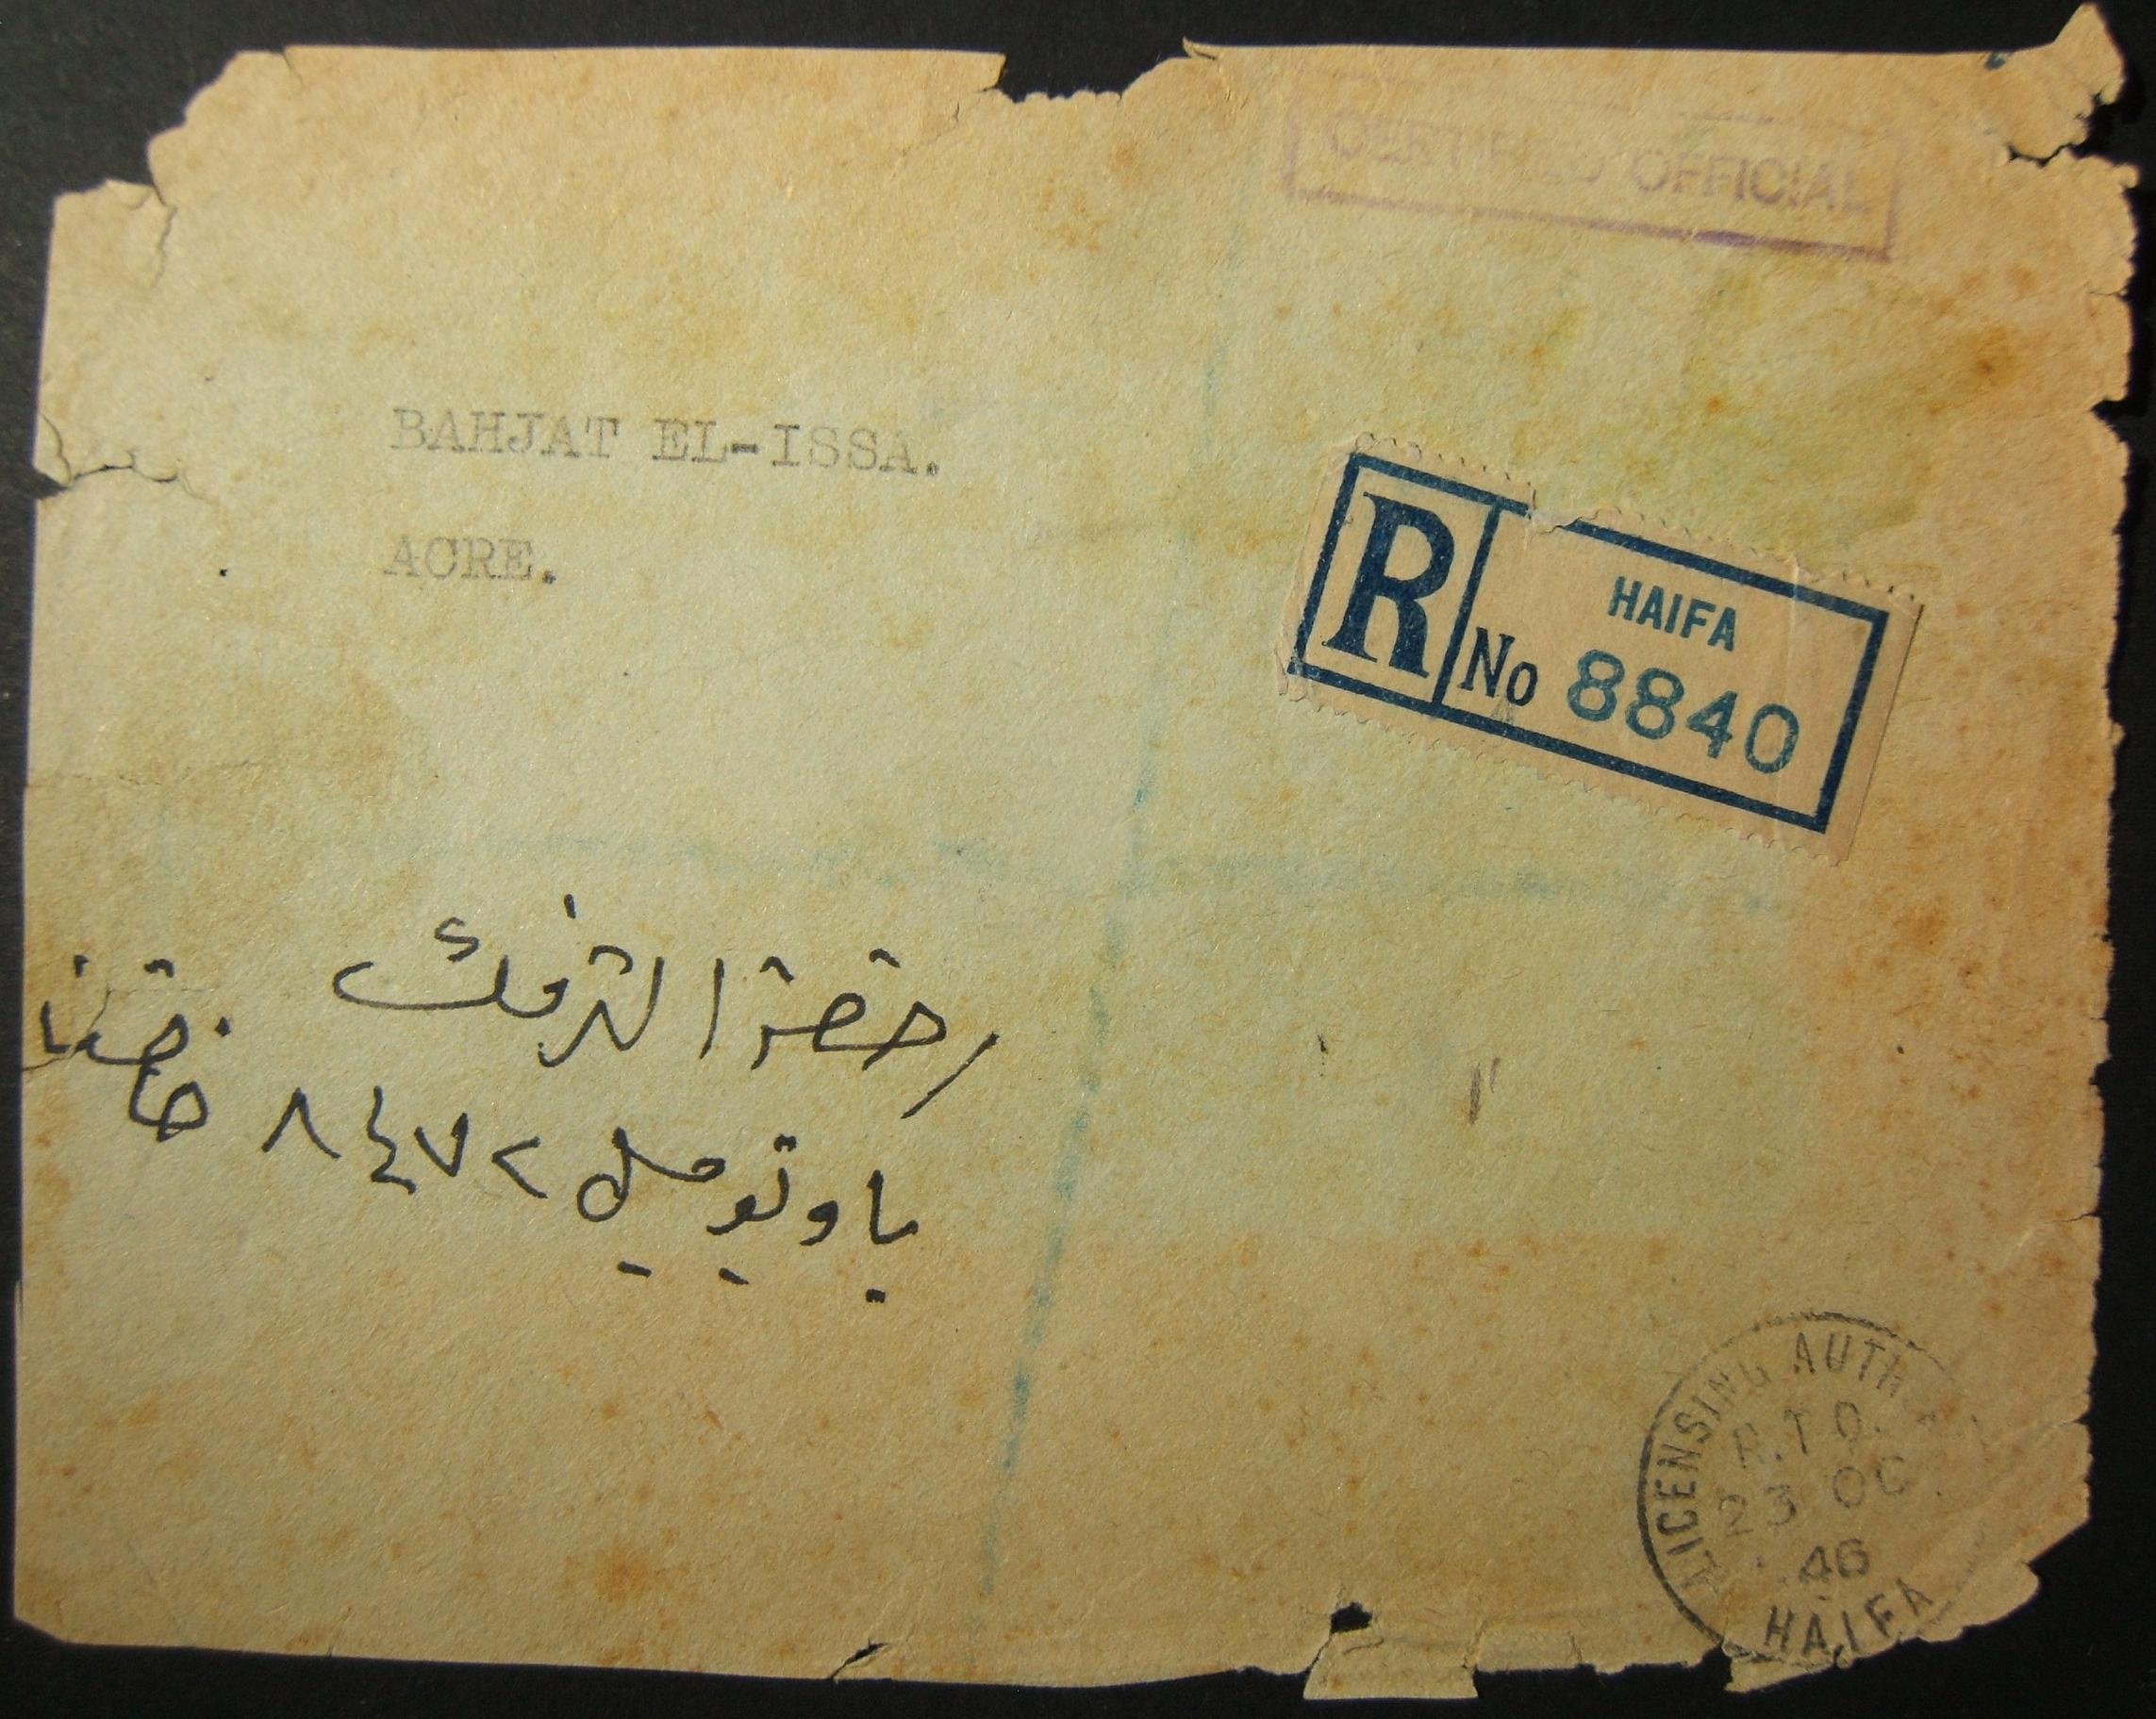 דואר אלקטרוני של דואר אלקטרוני עם רשות הדואר הנדיבה של רשות הרישוי ביום האחרון של השימוש